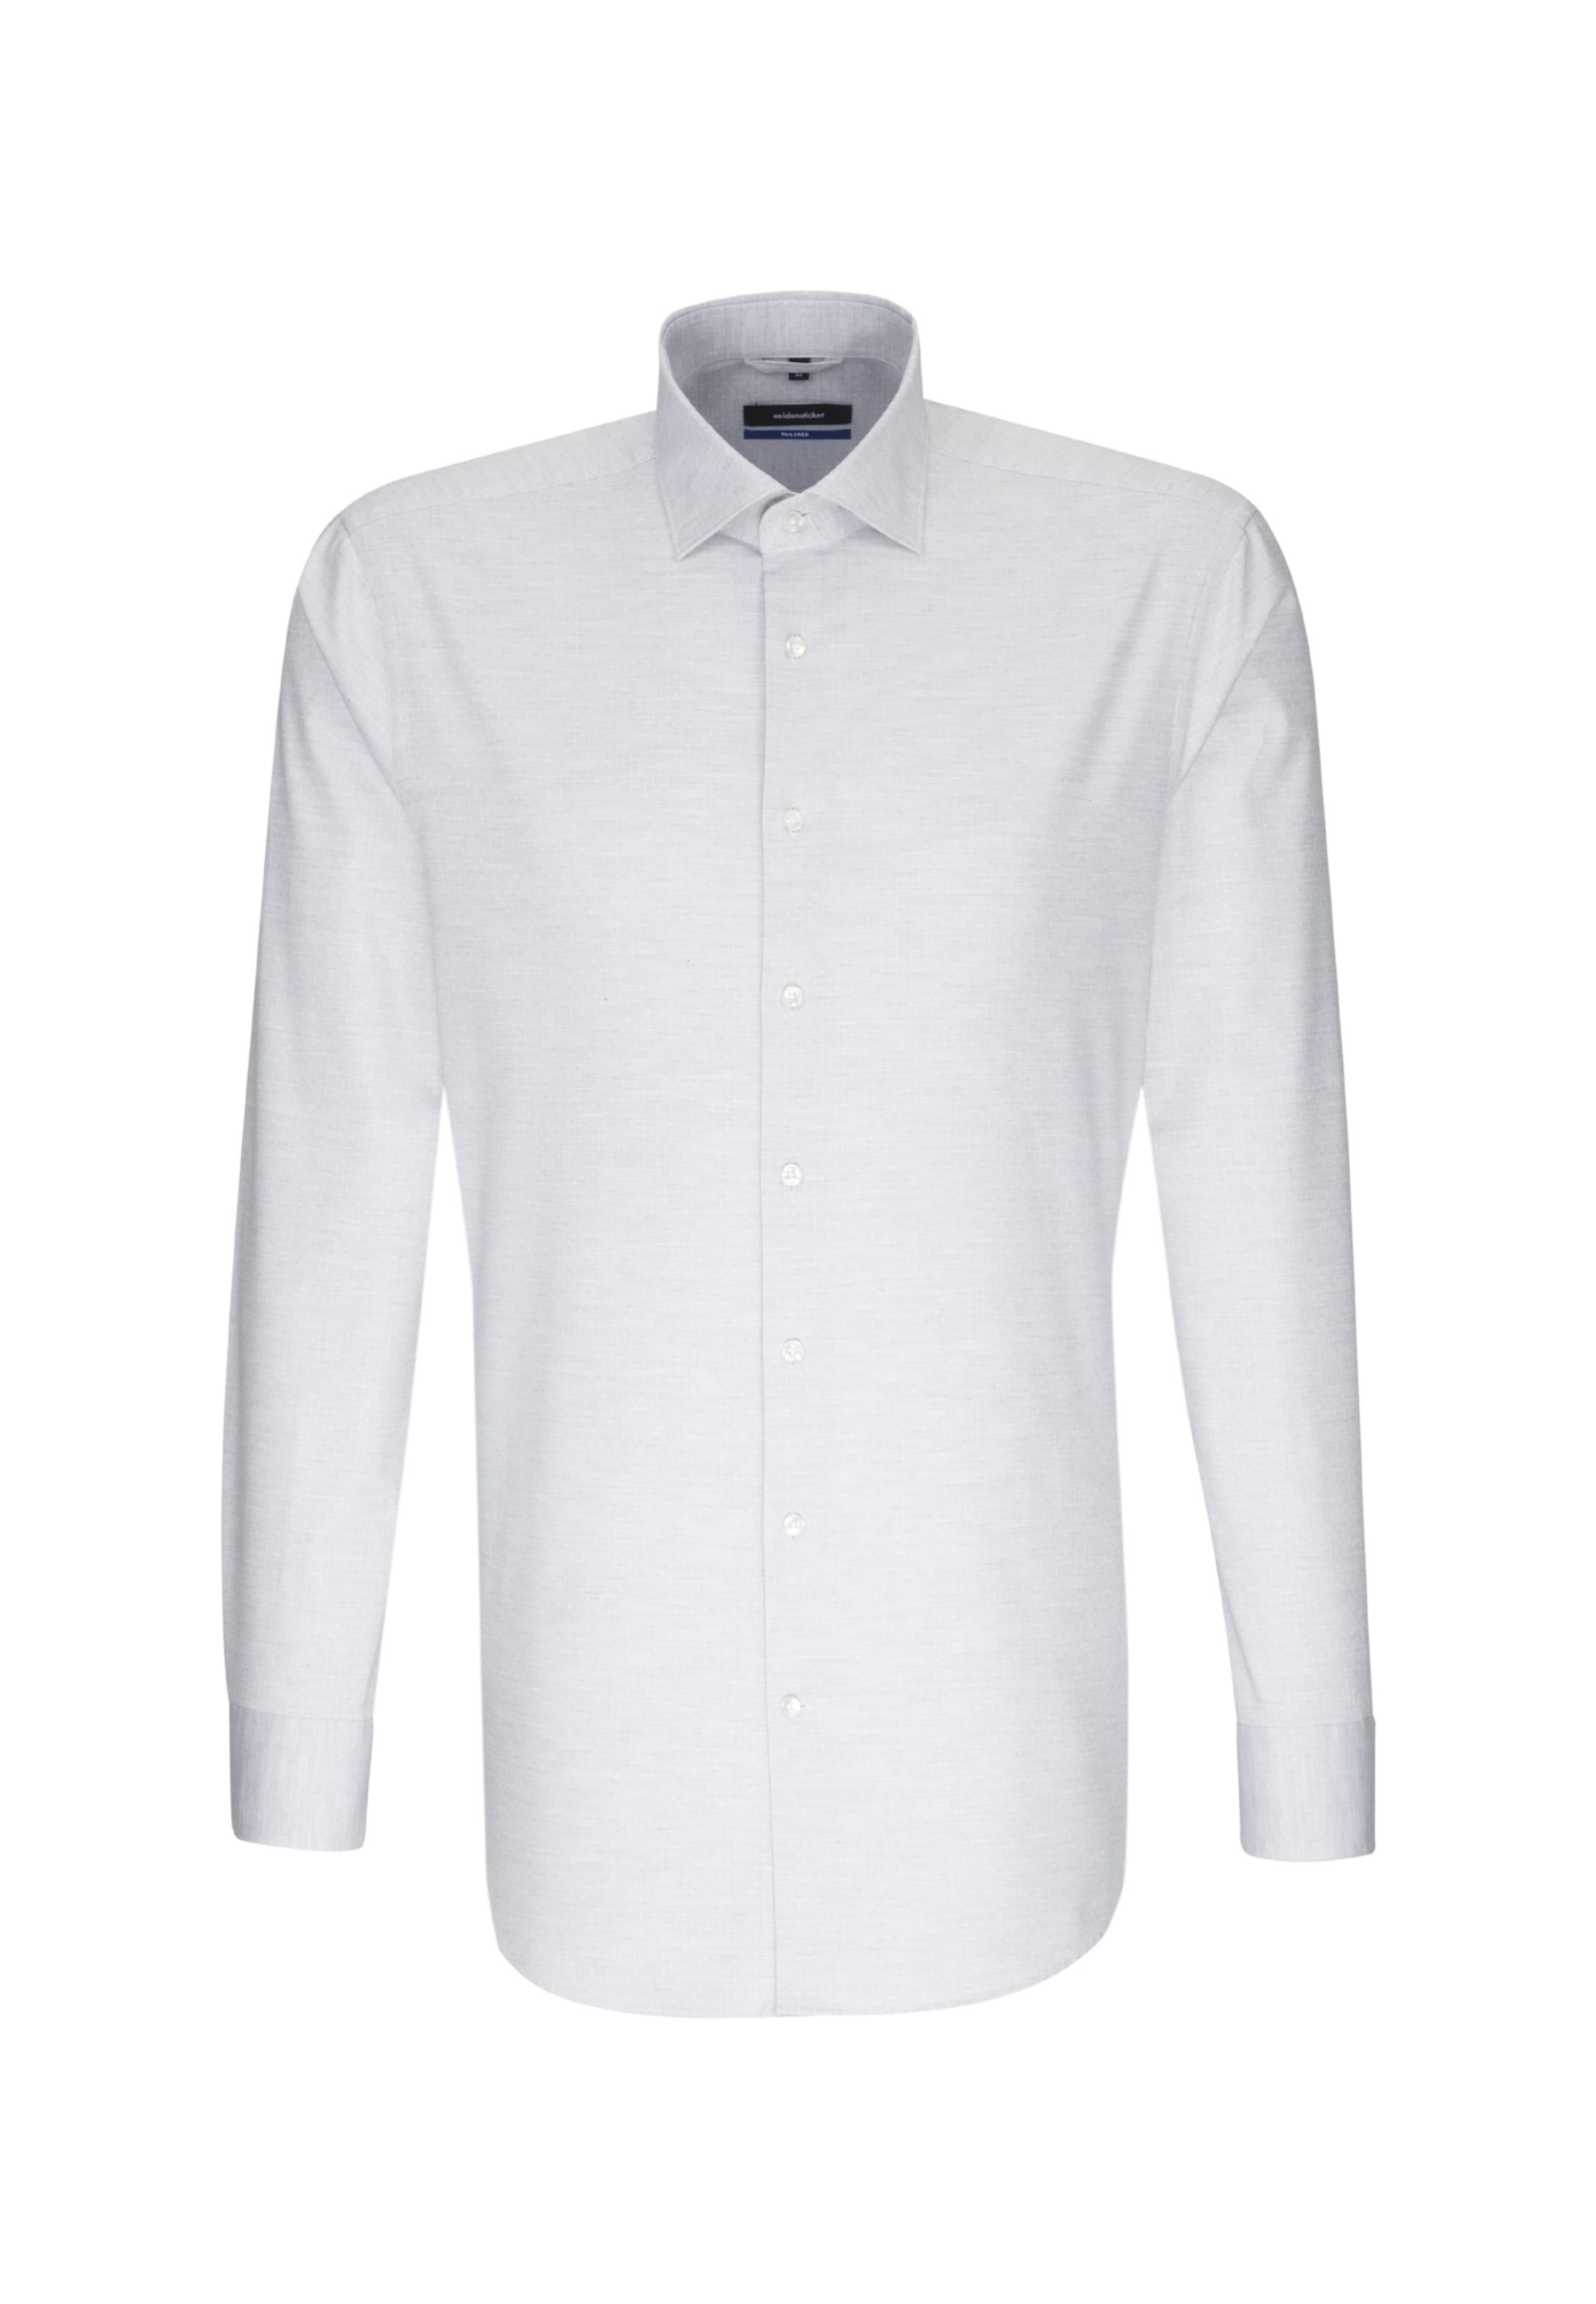 In In Graumeliert Seidensticker In Seidensticker Graumeliert Hemd Hemd Seidensticker Hemd ON0XZ8nwPk